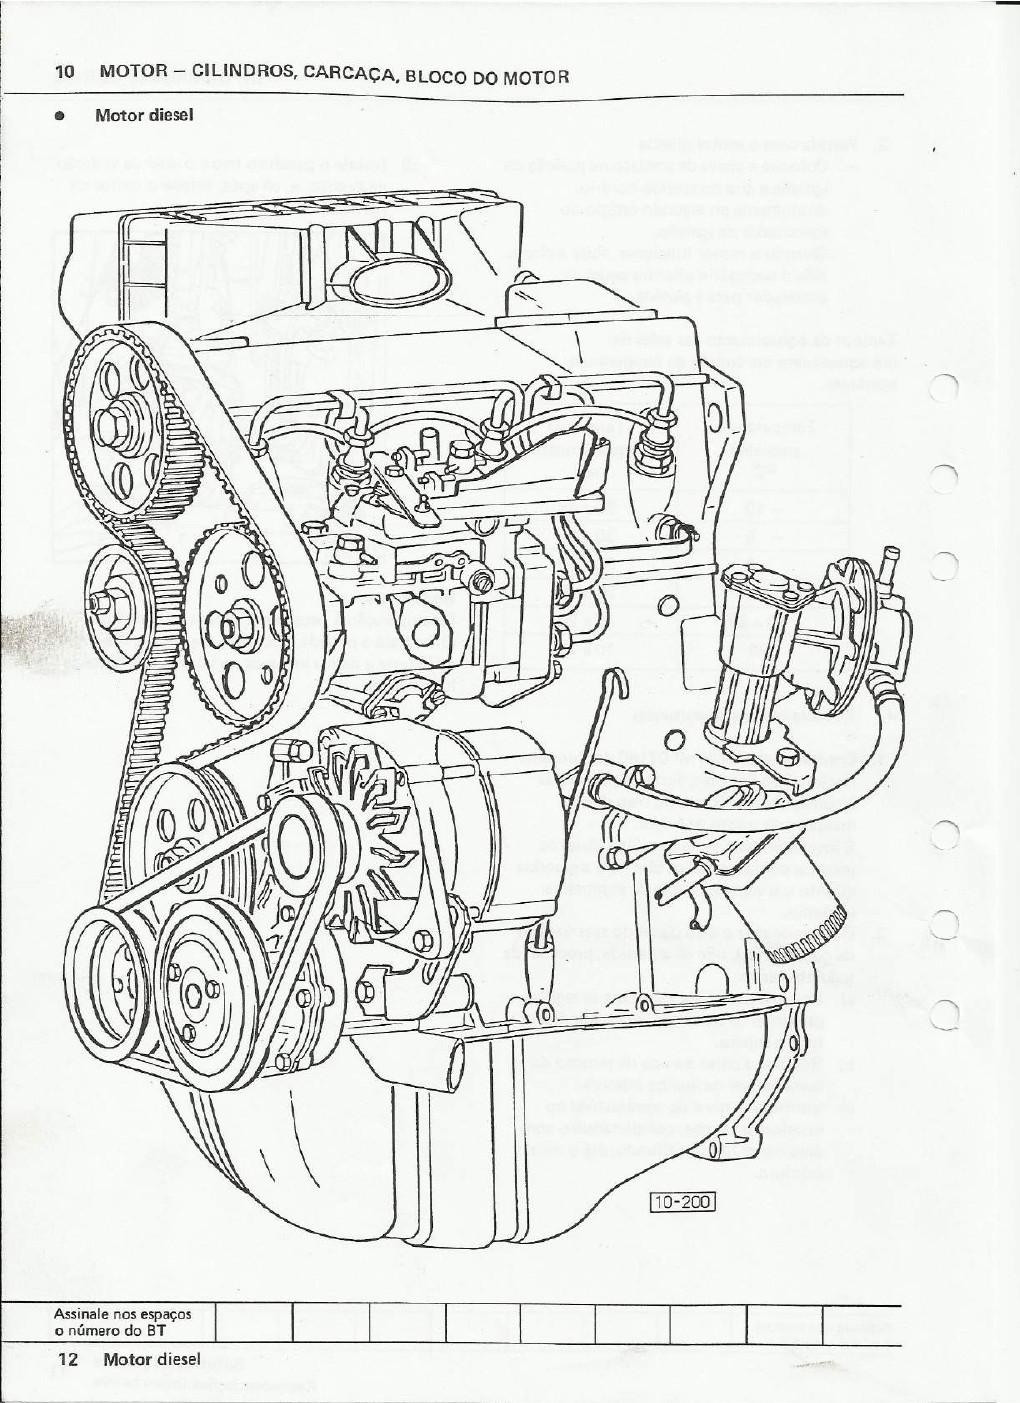 OFICINA VW : MANUAL DE REPARAÇÕES KOMBI DIESEL (MOTOR